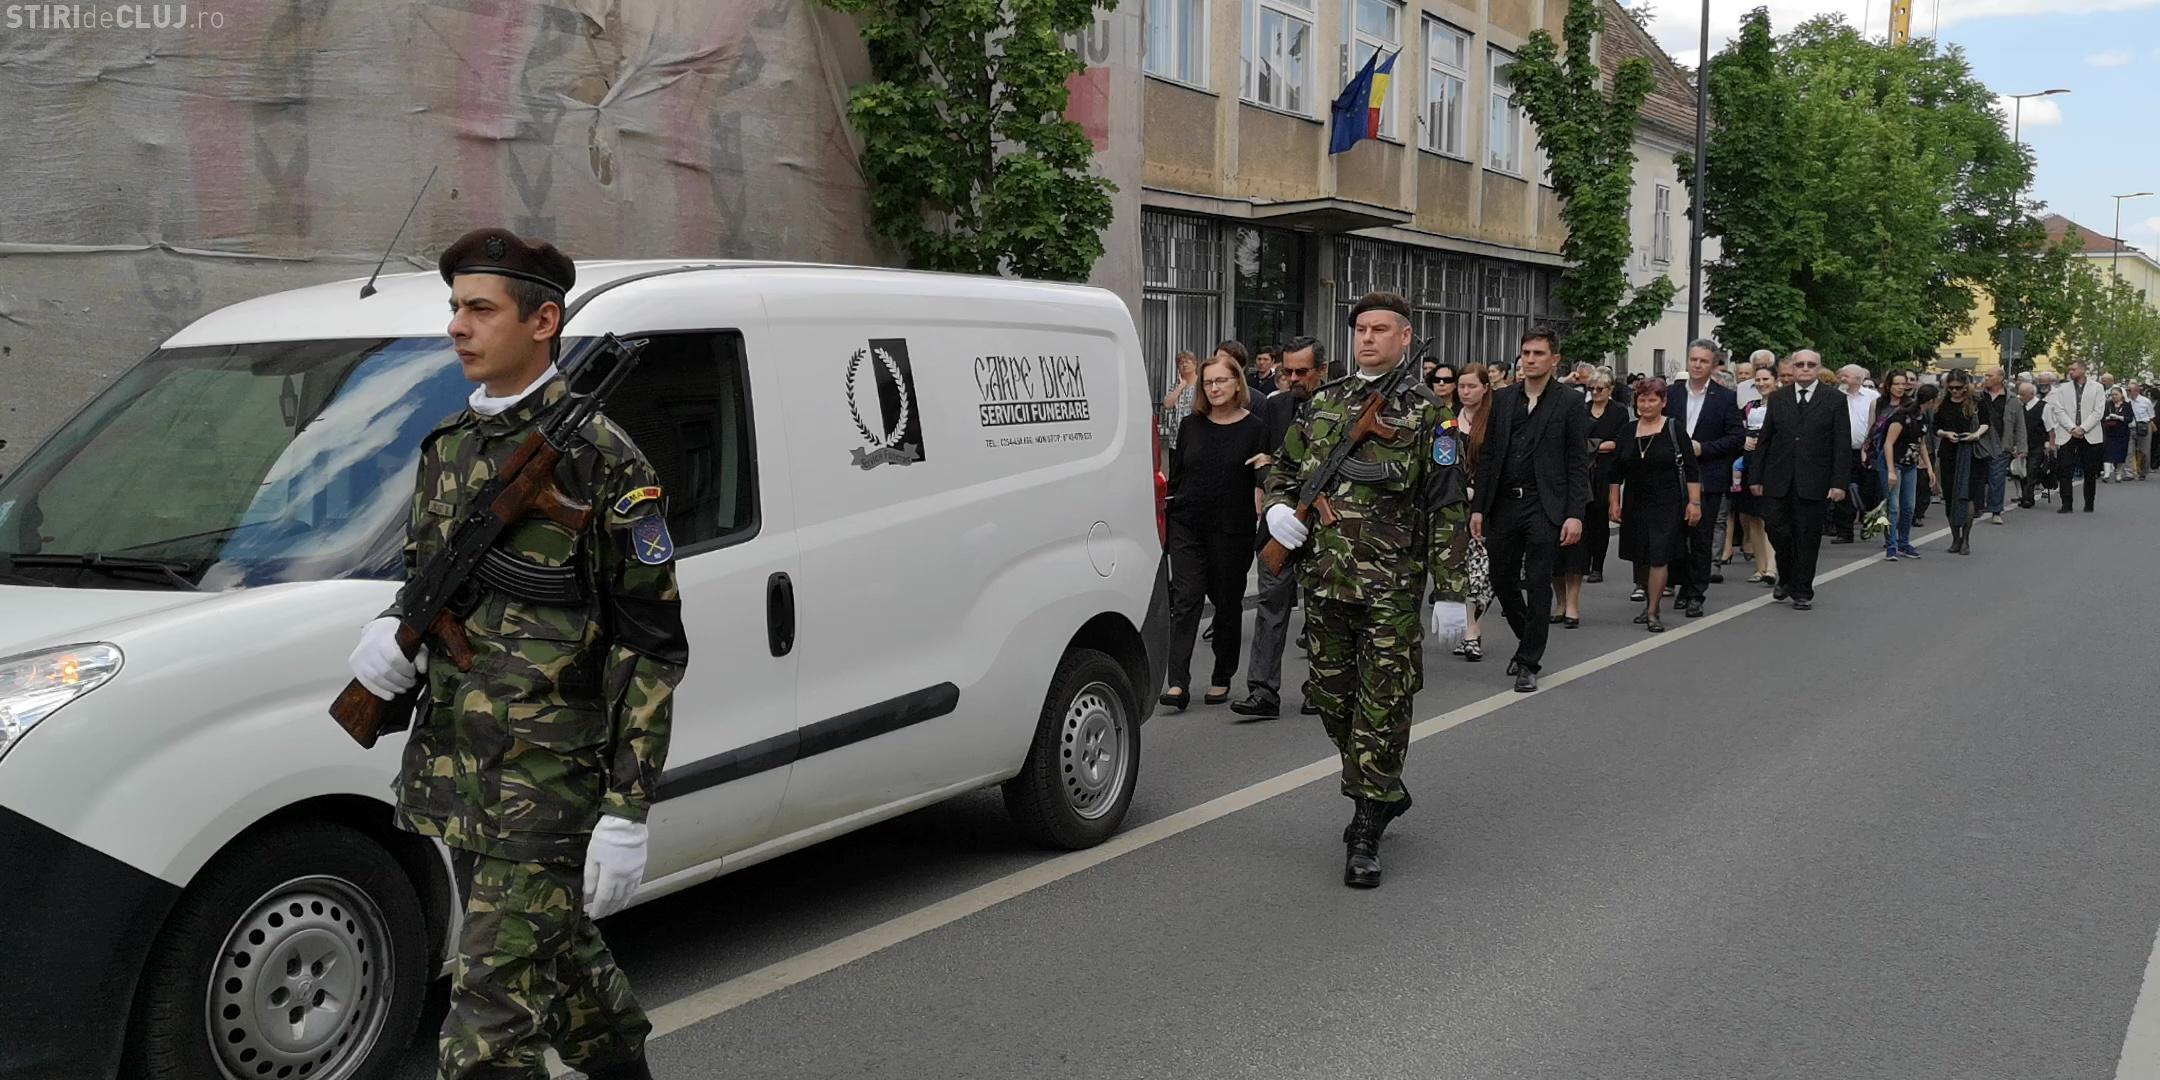 Doina Cornea, îngropată cu onoruri militare în Cimitirul Central - VIDEO